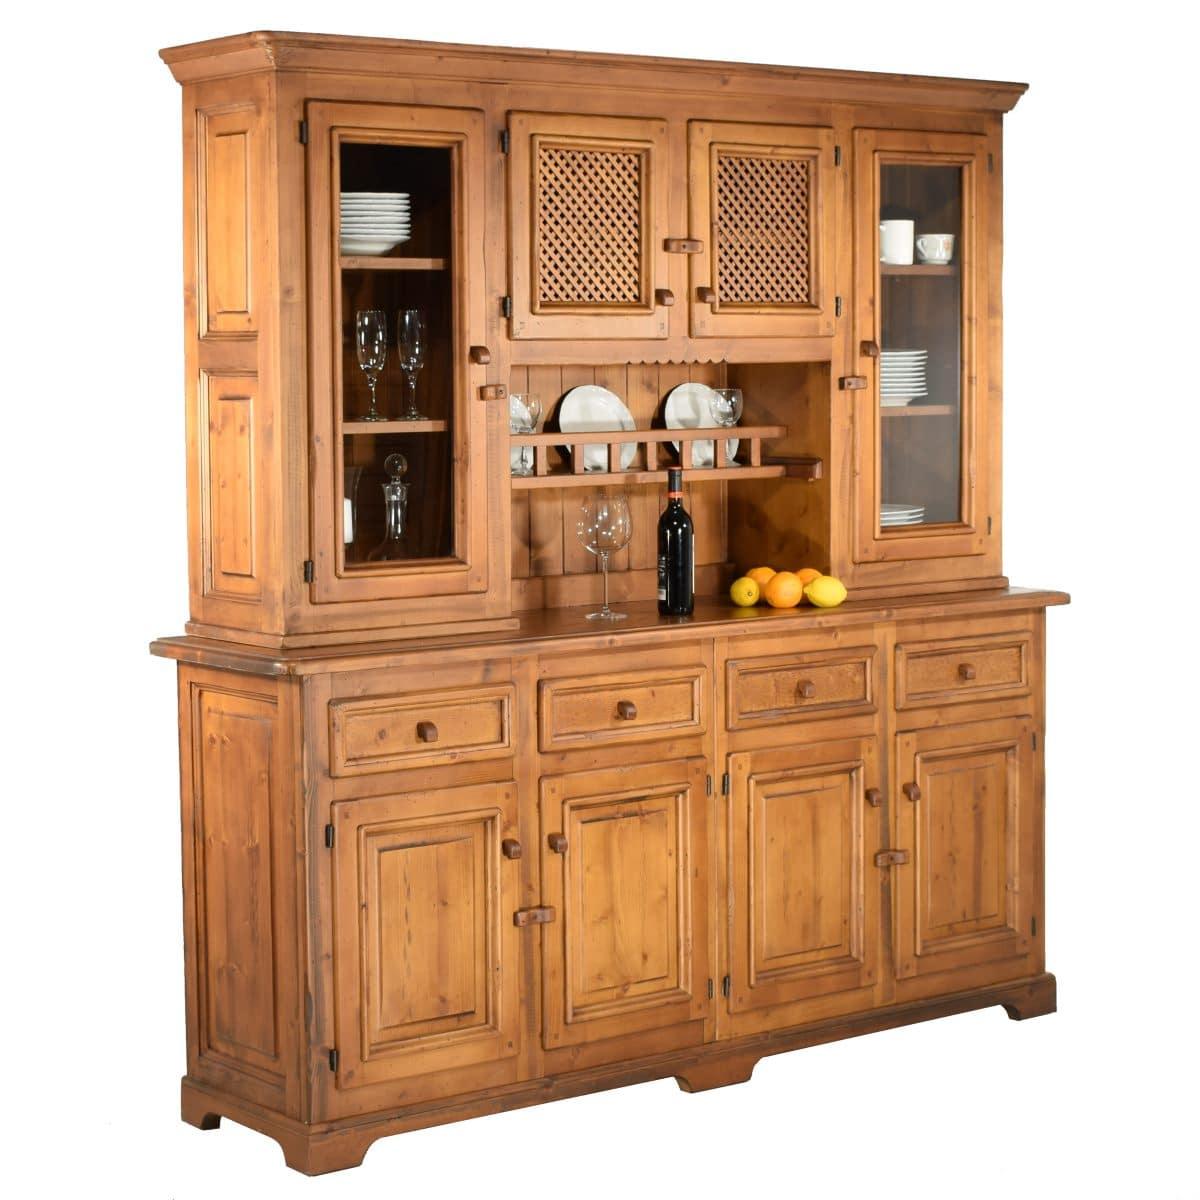 Aparador r stico de madera grande con altillo de puertas for Aparadores con espejo